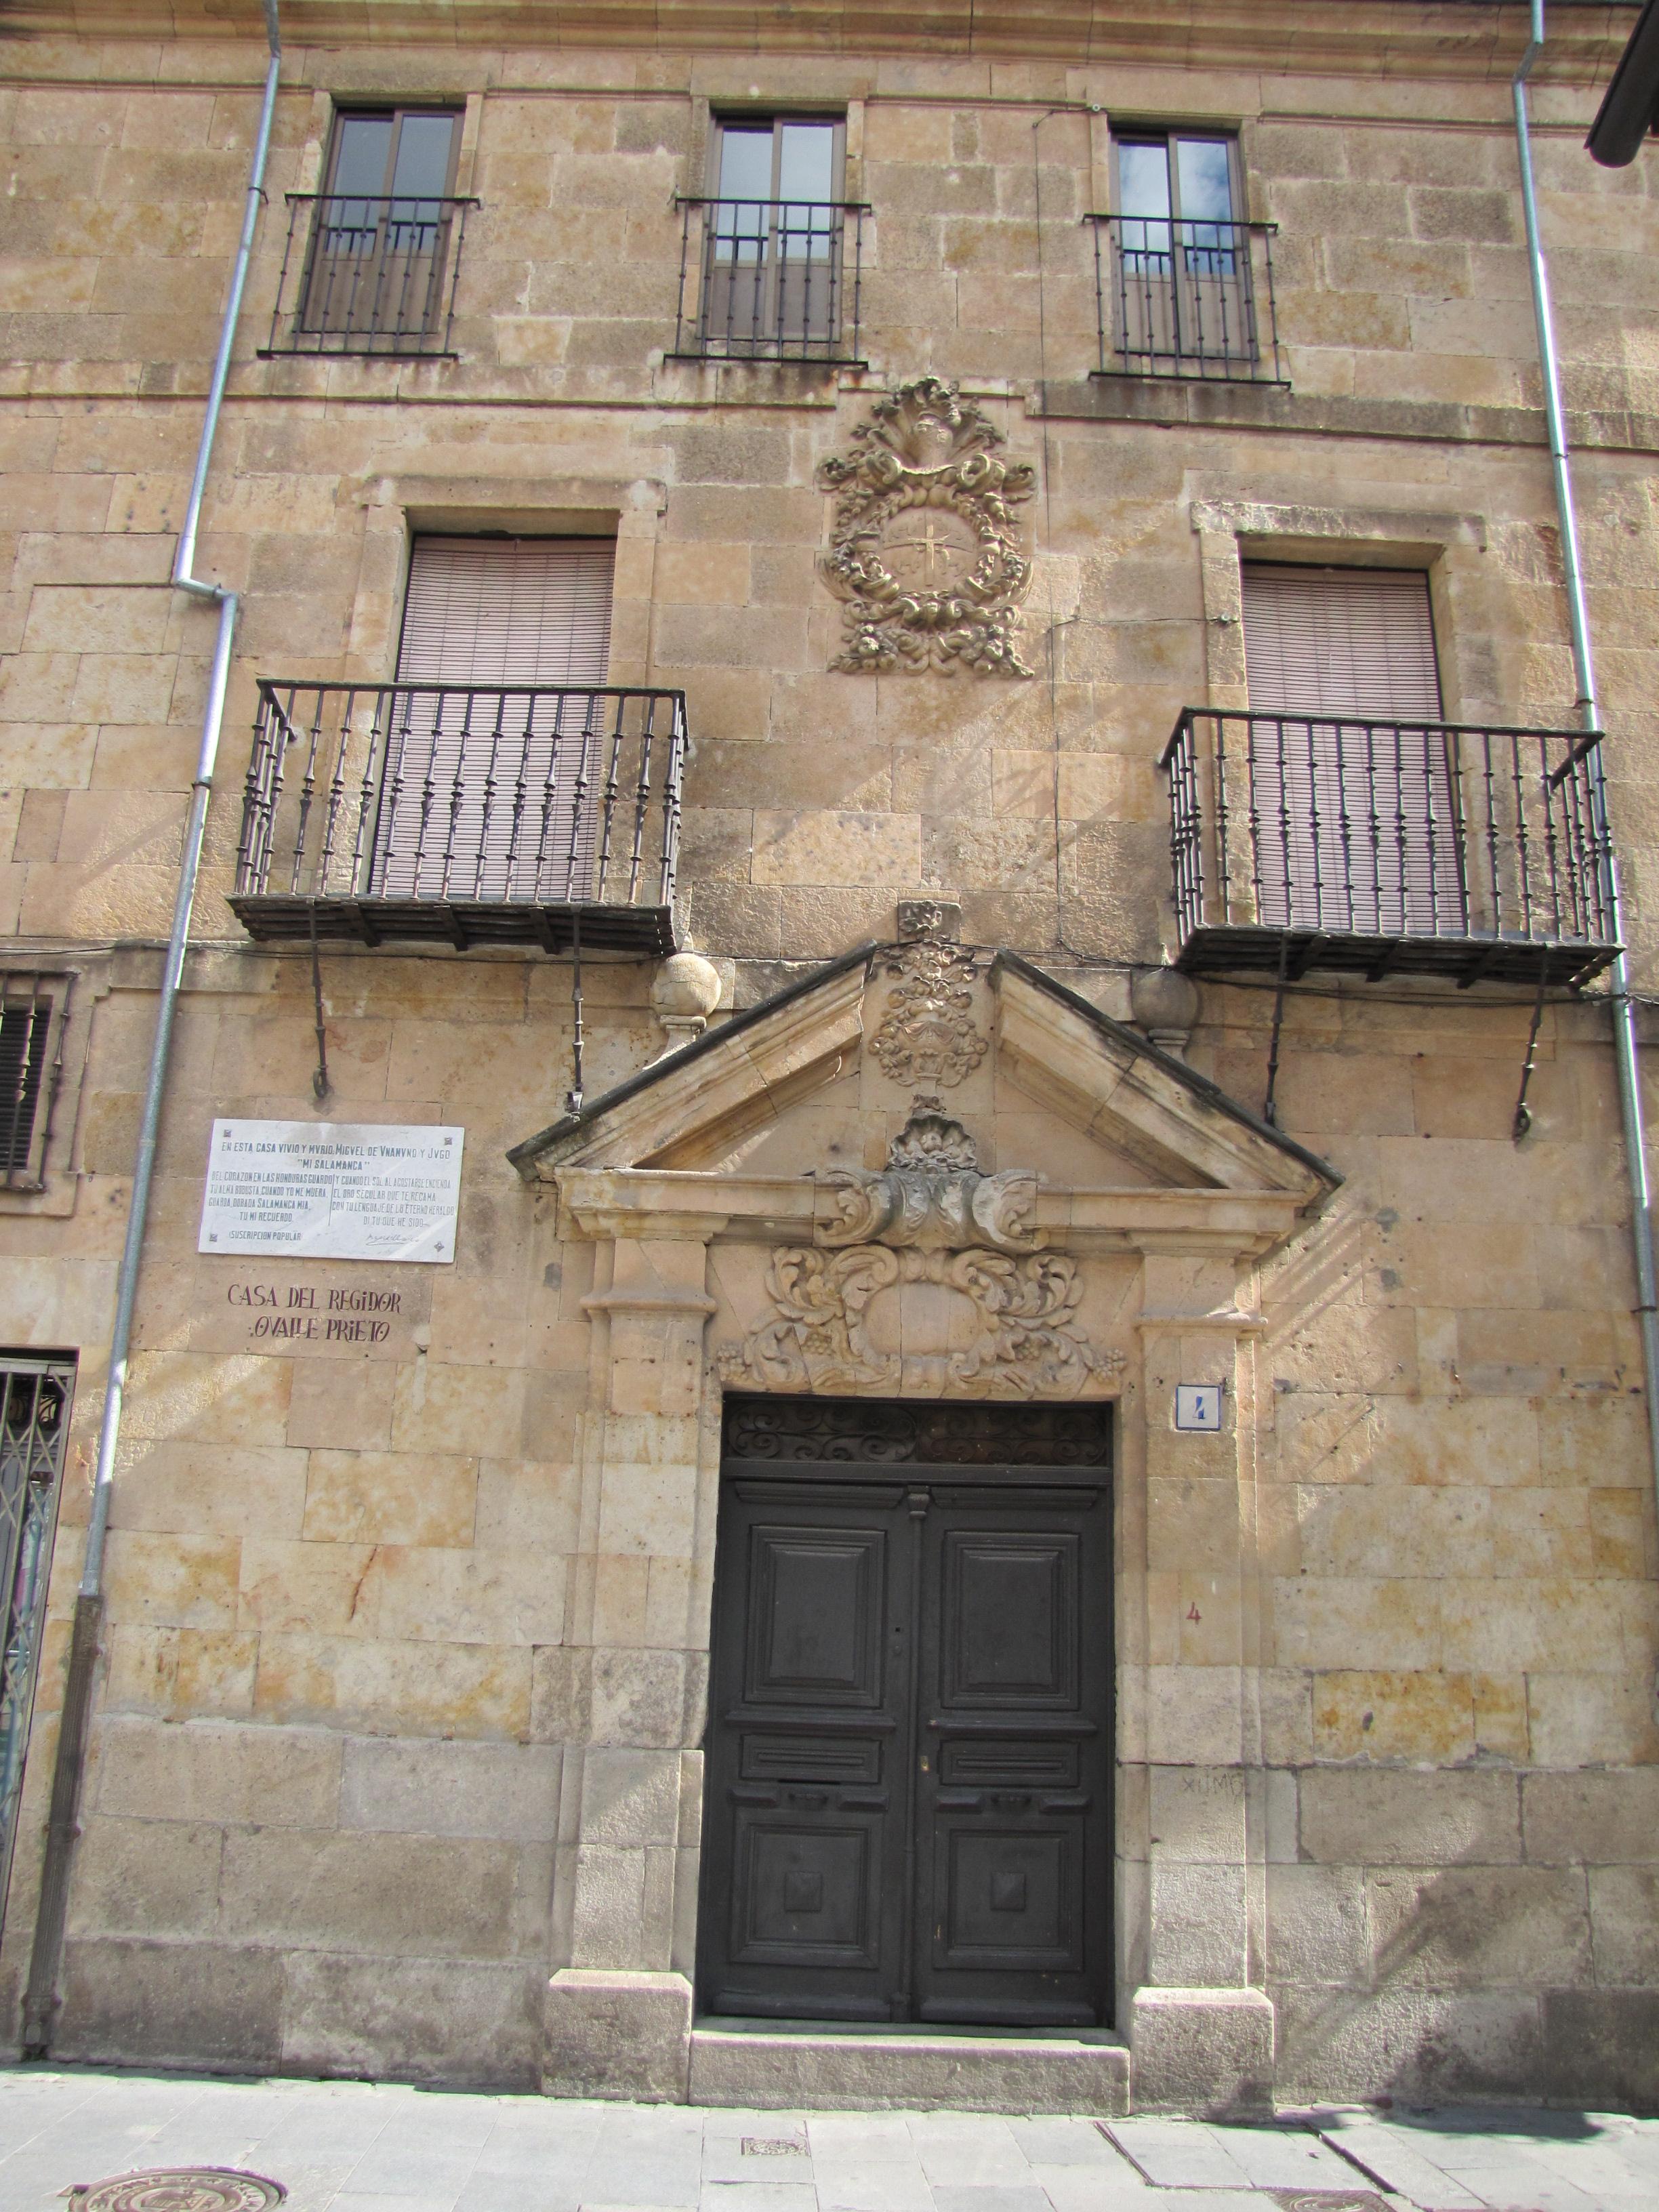 Casa del Regidor Ovalle Prieto, en la calle Bordadores de Salamanca, en la cual vivió y murió Unamuno.